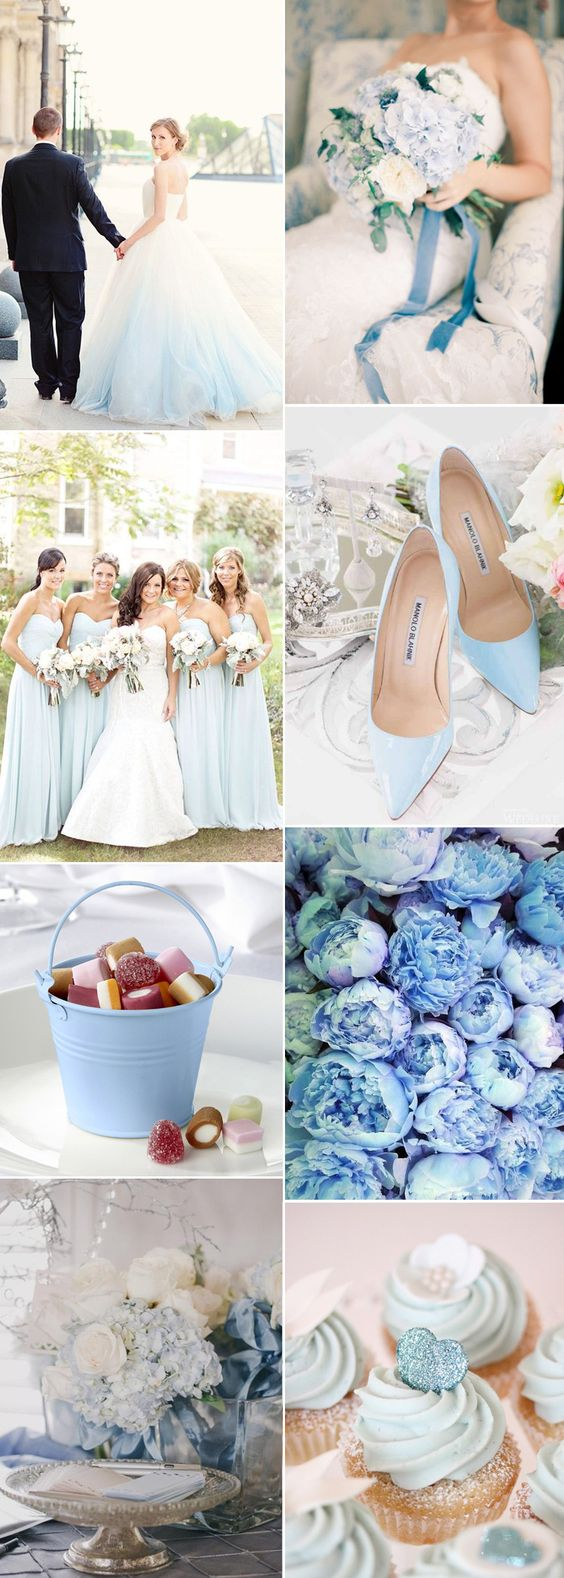 decoracao-casamento-azul-3